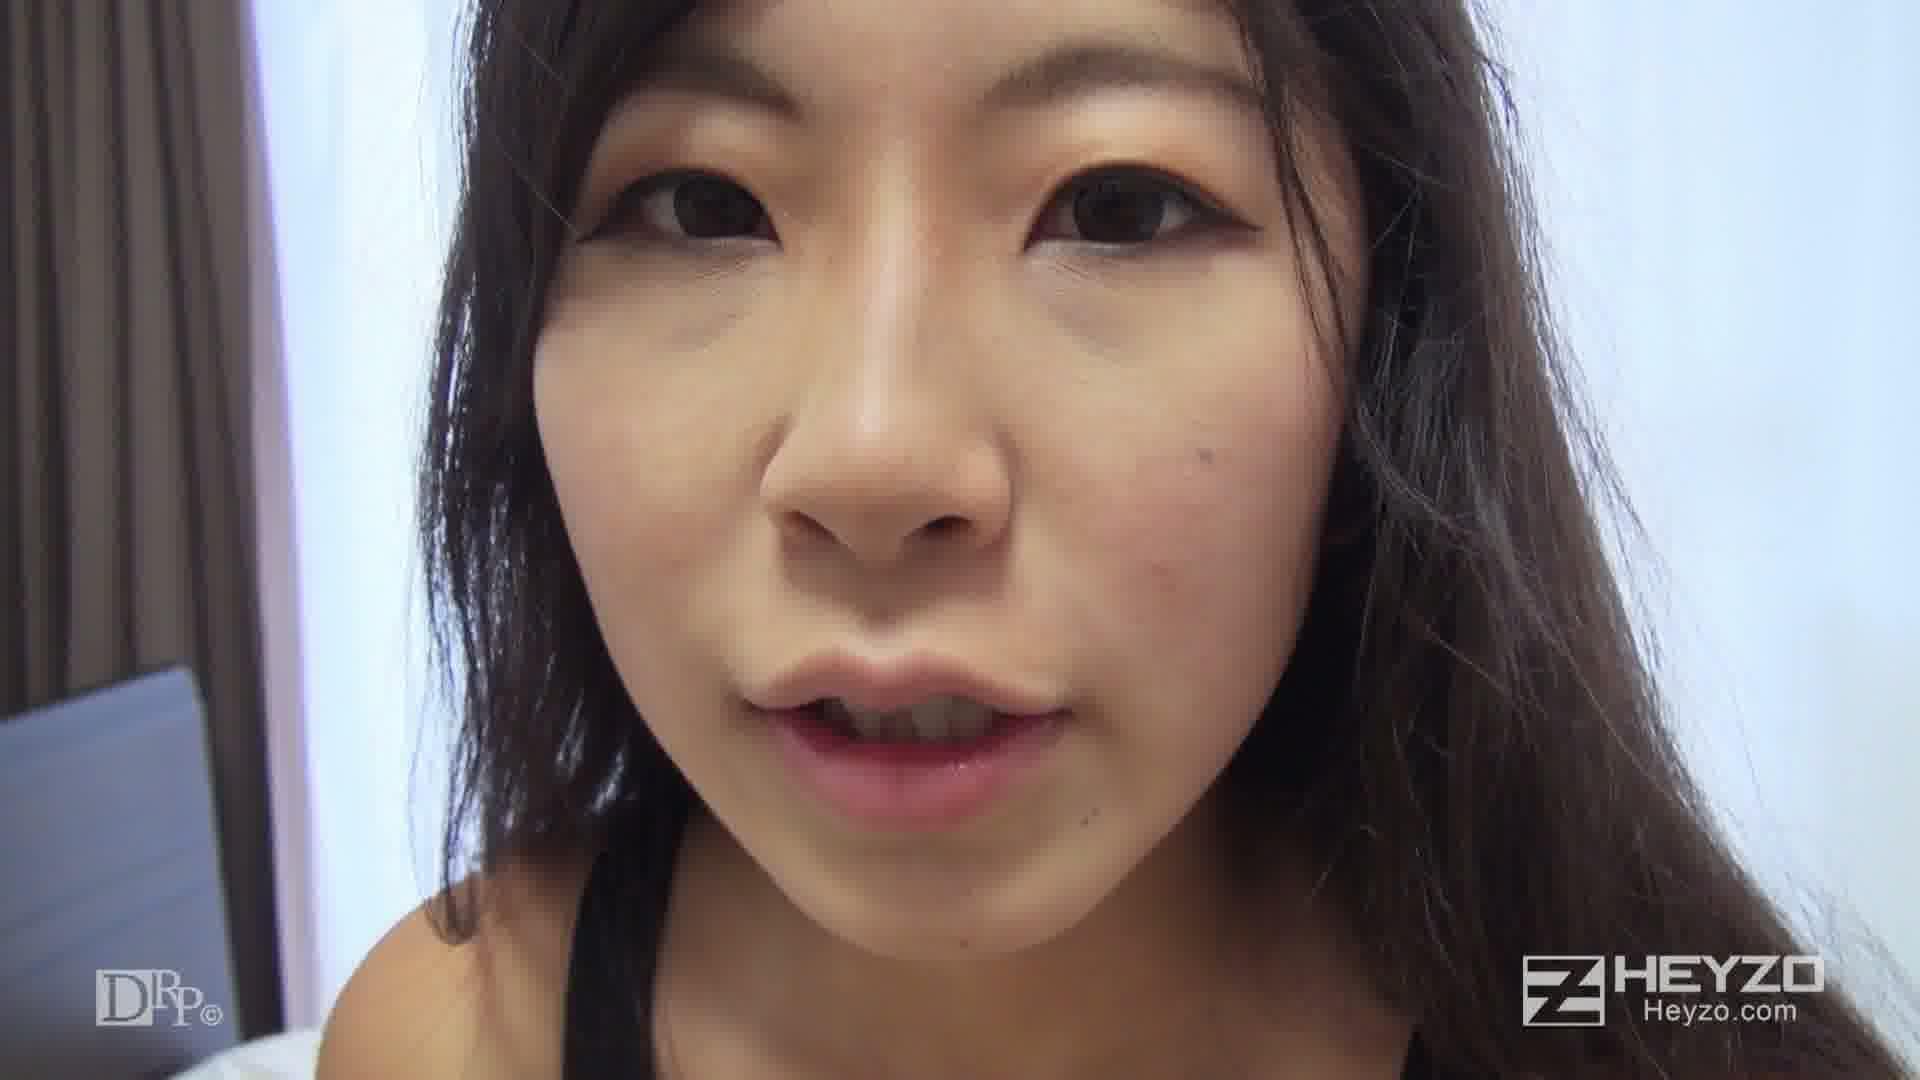 ミクロな彼女にイタズラ三昧!! - 篠田ゆき【着替え オナニー】